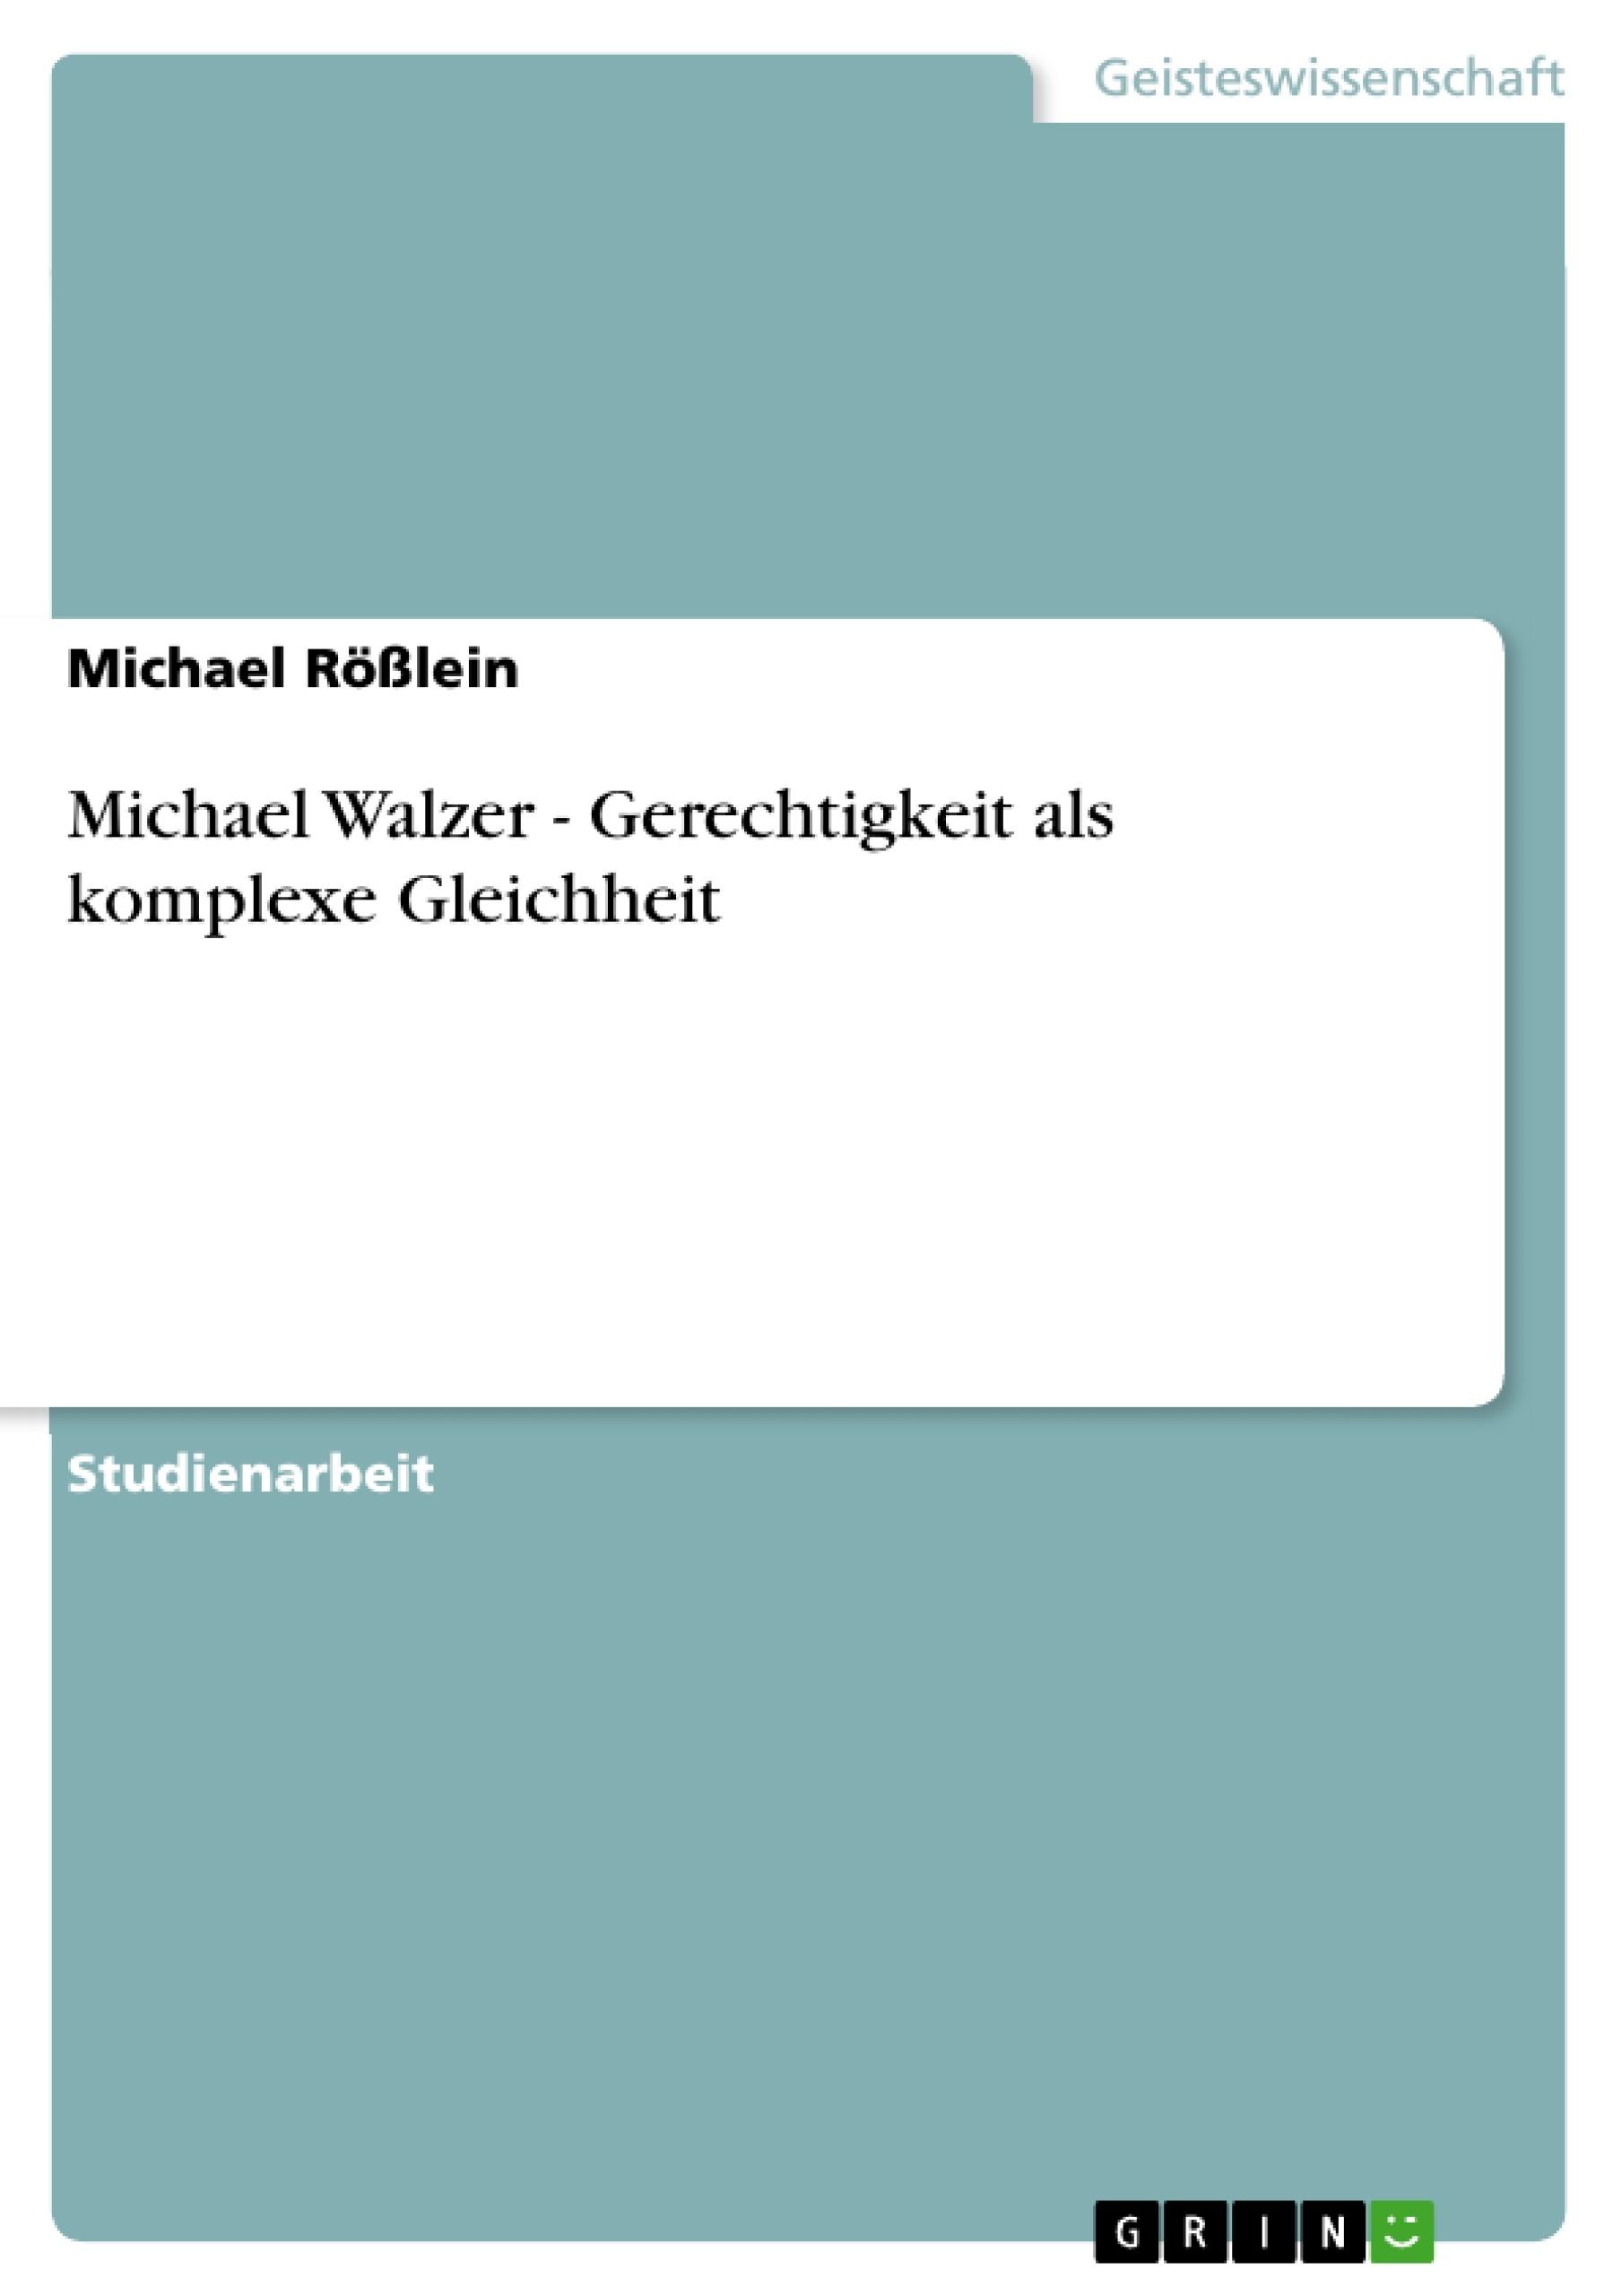 Titel: Michael Walzer - Gerechtigkeit als komplexe Gleichheit